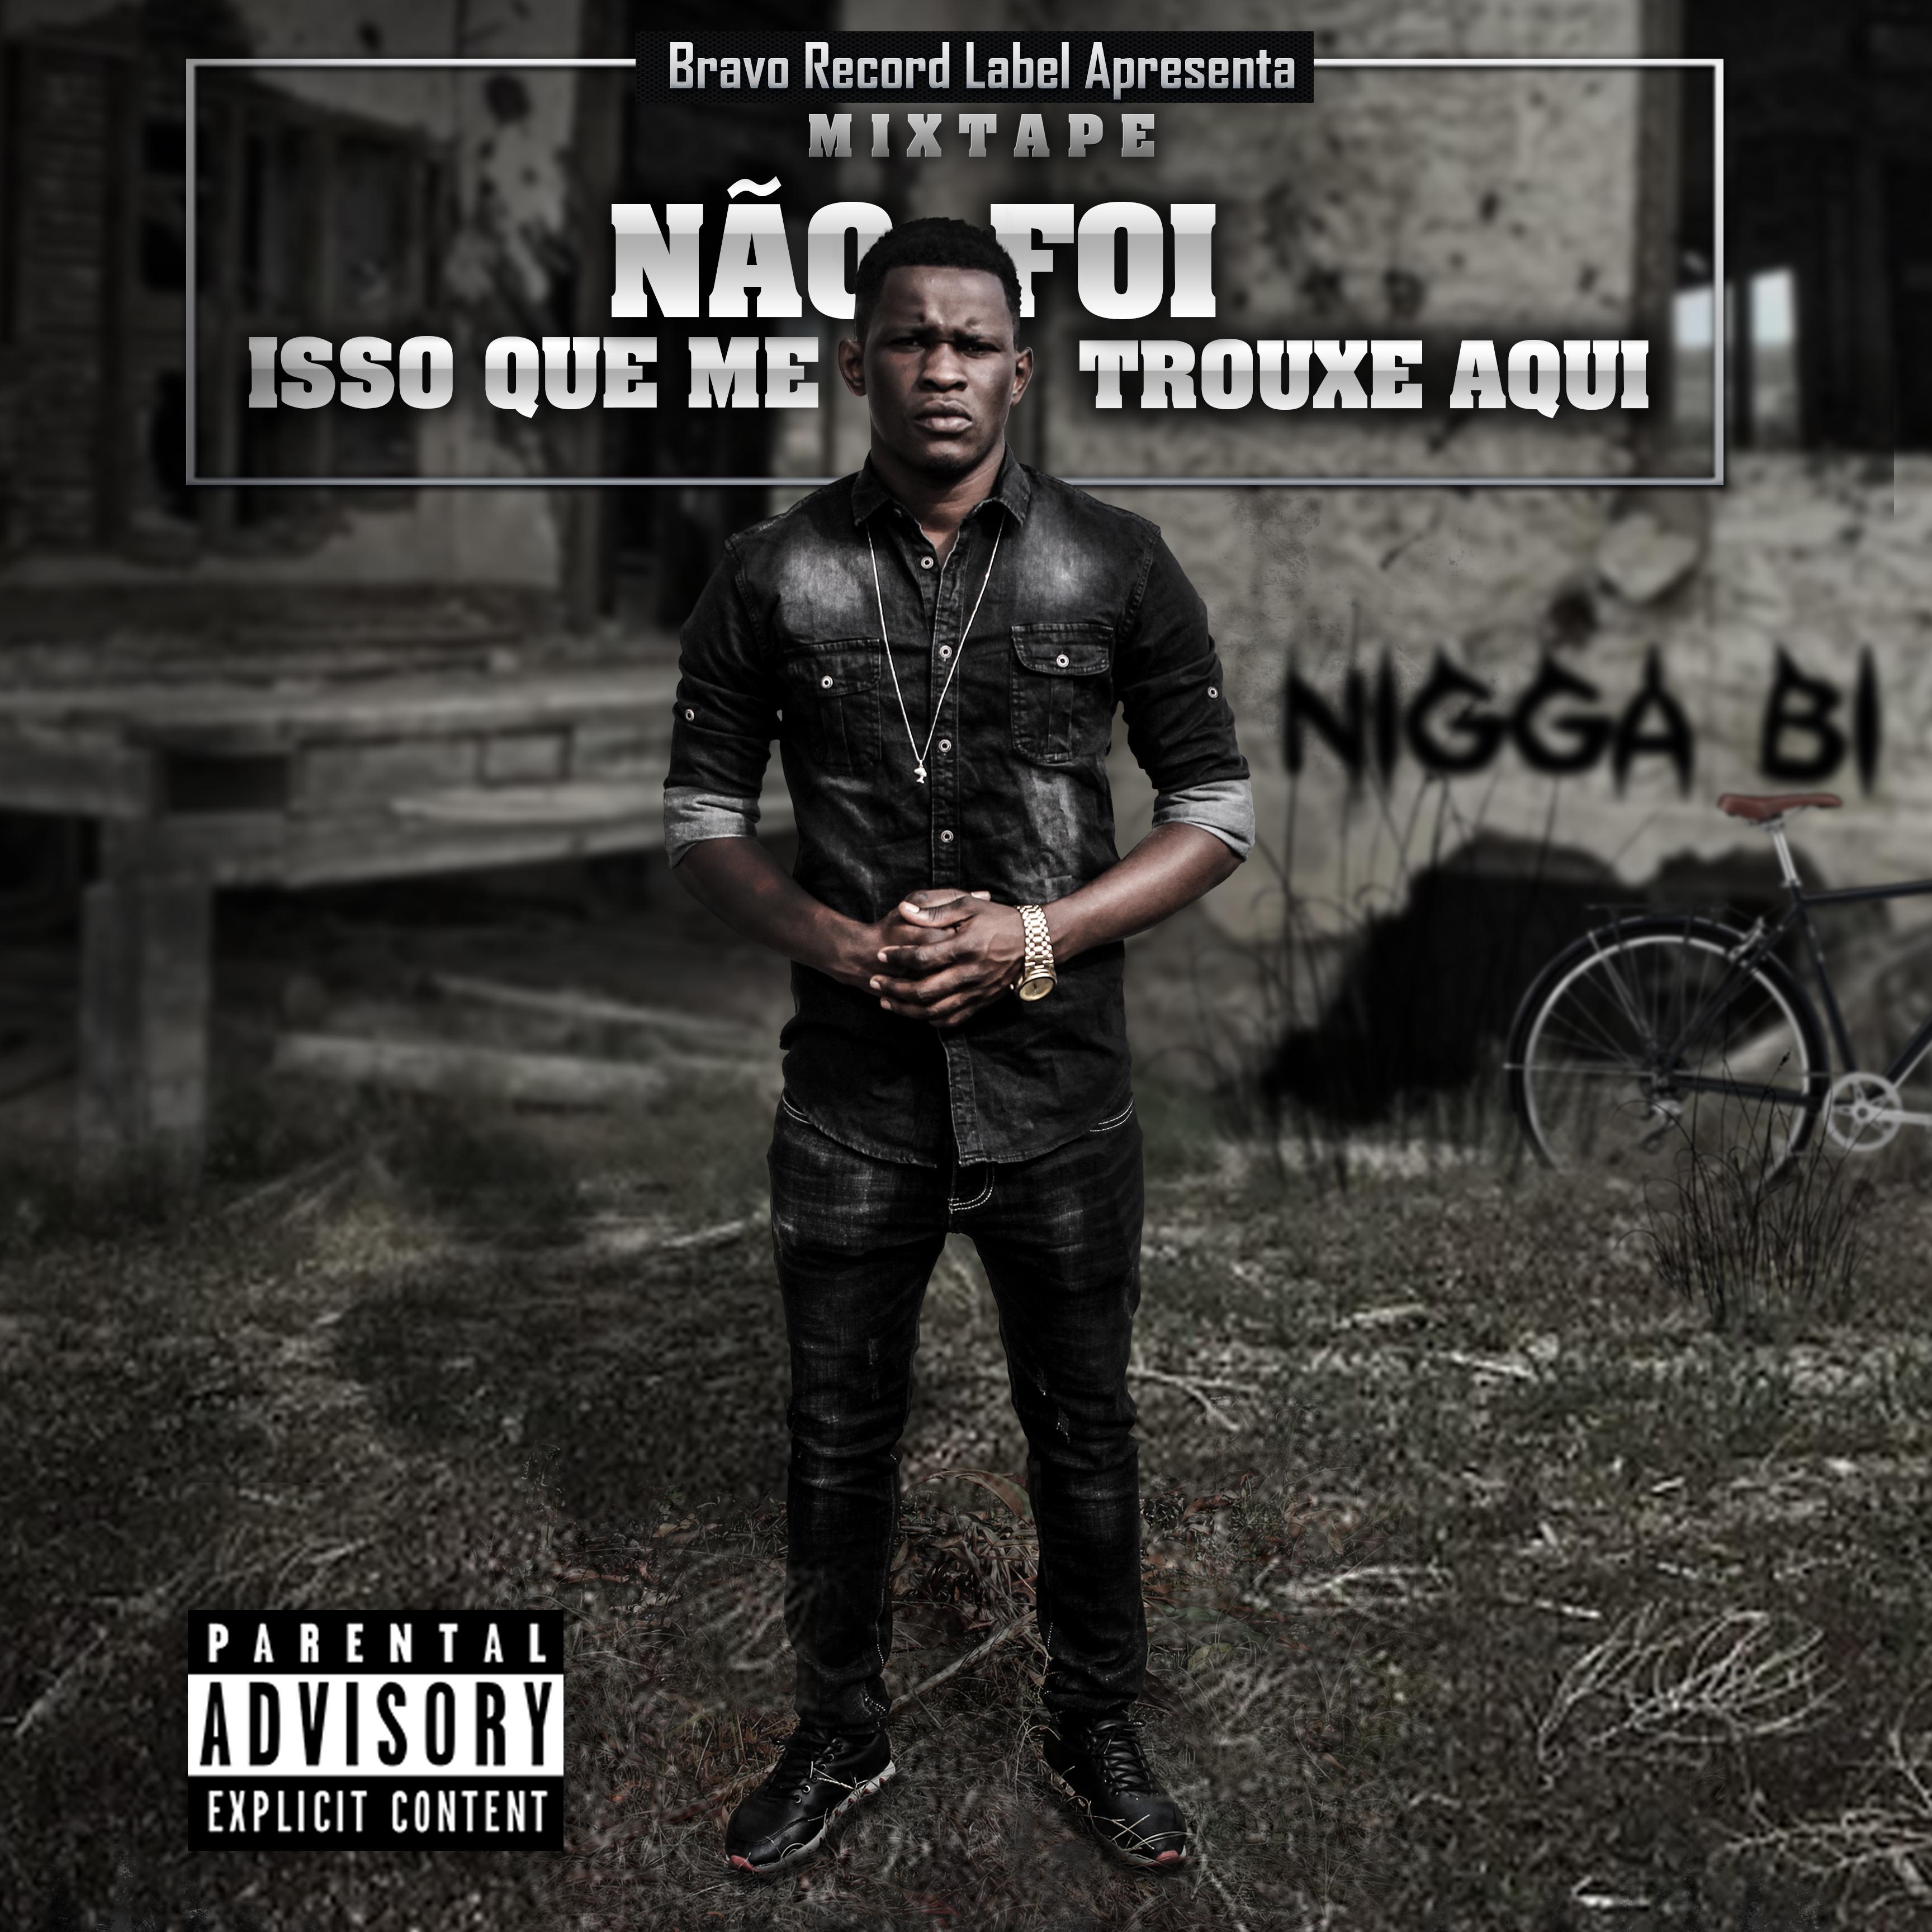 Nigga BI - Mixtape Não Foi Isso Que Me Trouxe Aqui